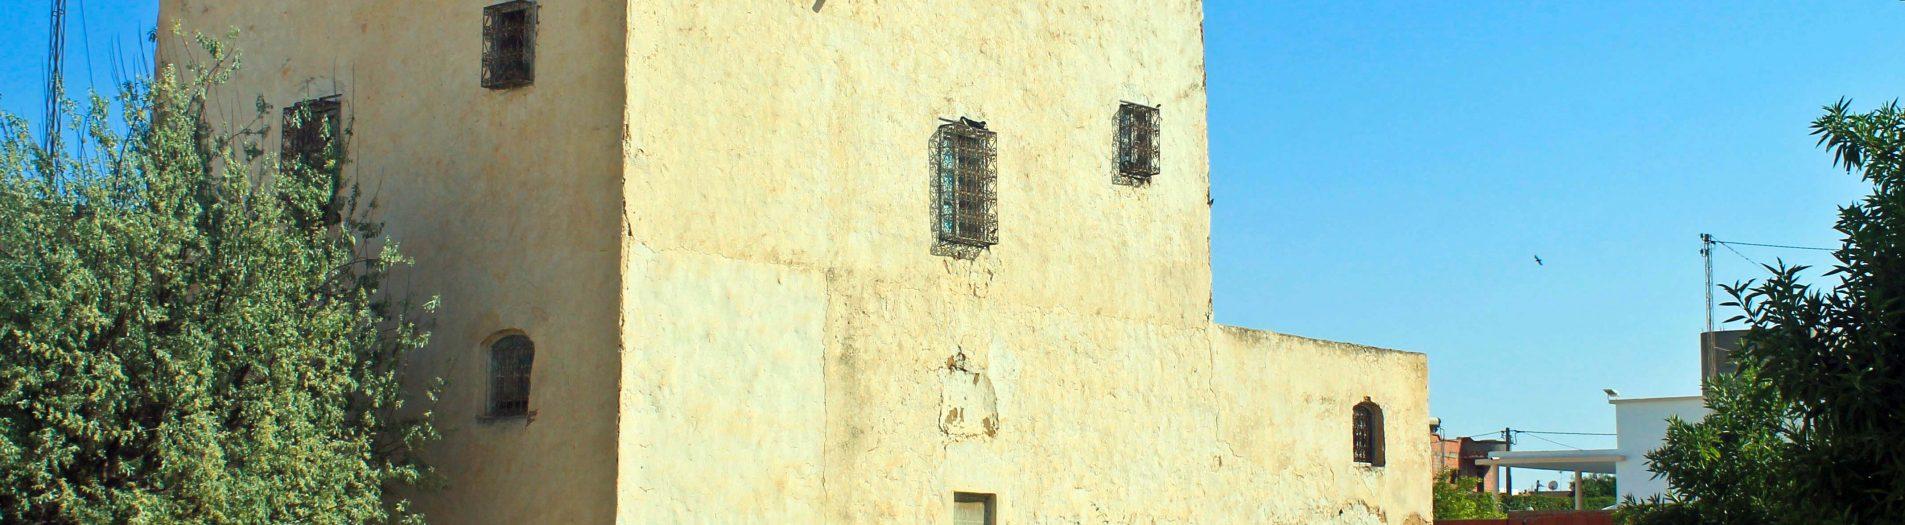 البرج الصفاقسي